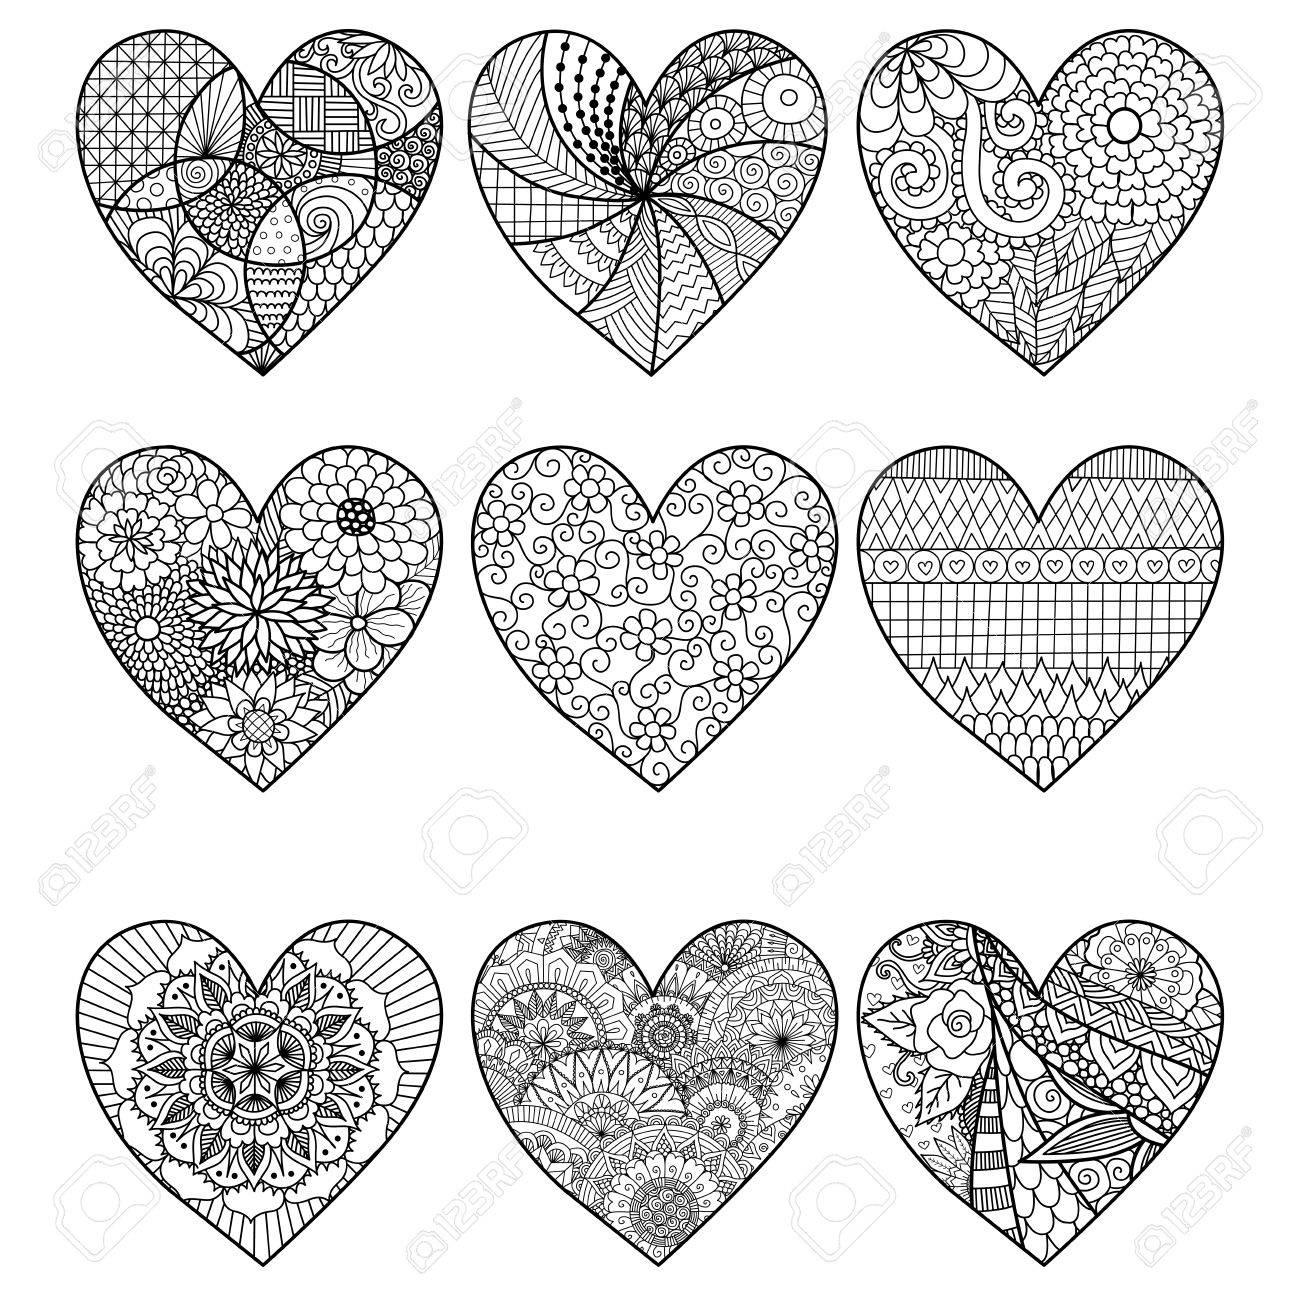 Coloriage Adulte Coeur.Zendoodle De Neuf Coeur Pour La Page De Livre De Coloriage Adulte Et